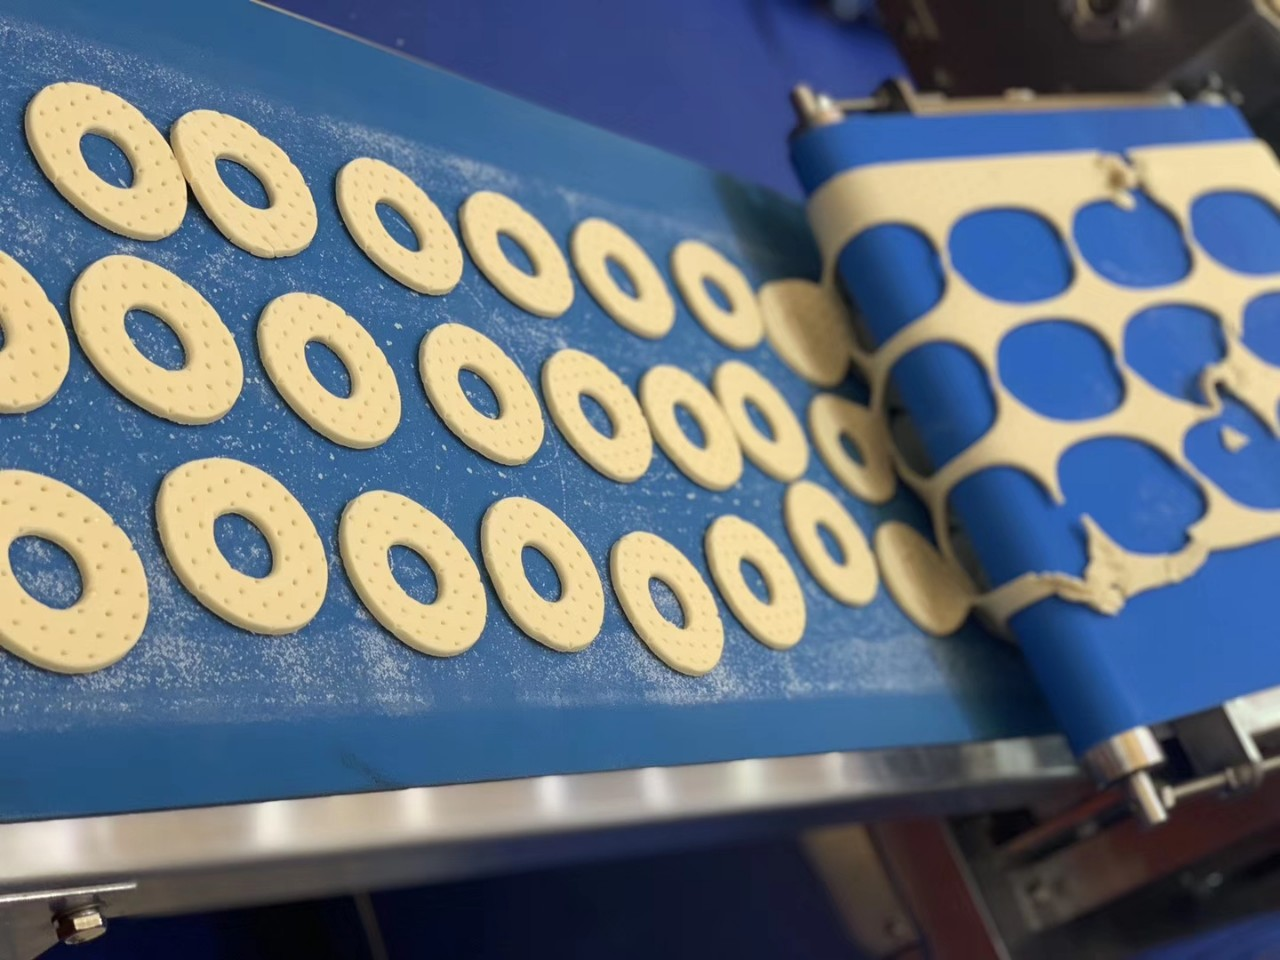 Băng Tải Dùng Cho Nhà Máy Làm Bánh Nướng - Băng Tải Vật Tư Thiên Lộc Materials